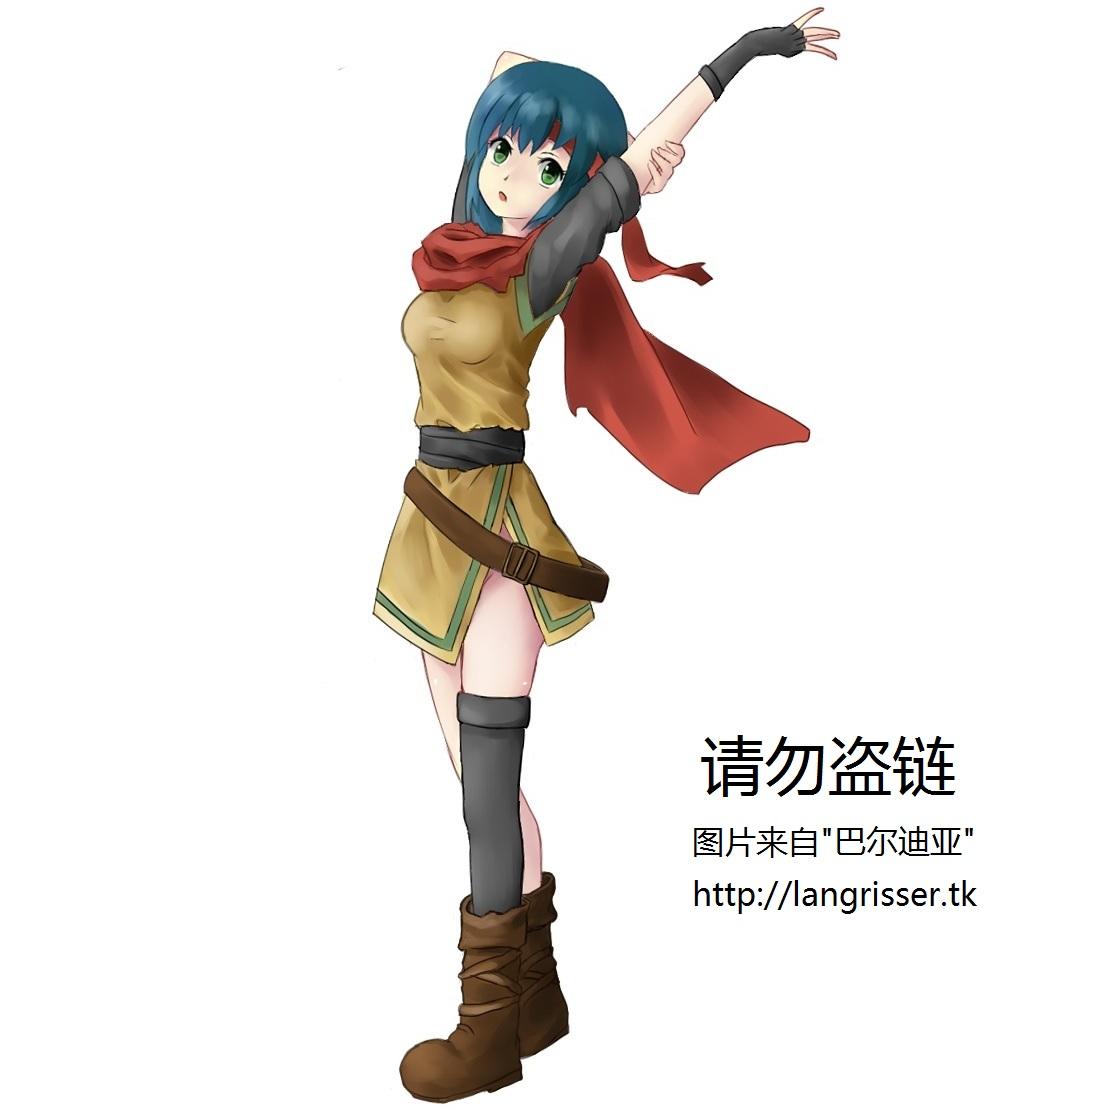 PS 梦幻模拟战 1&2 Plus Edition 汉化增值版V3.0最新修正版(2014/07/02)